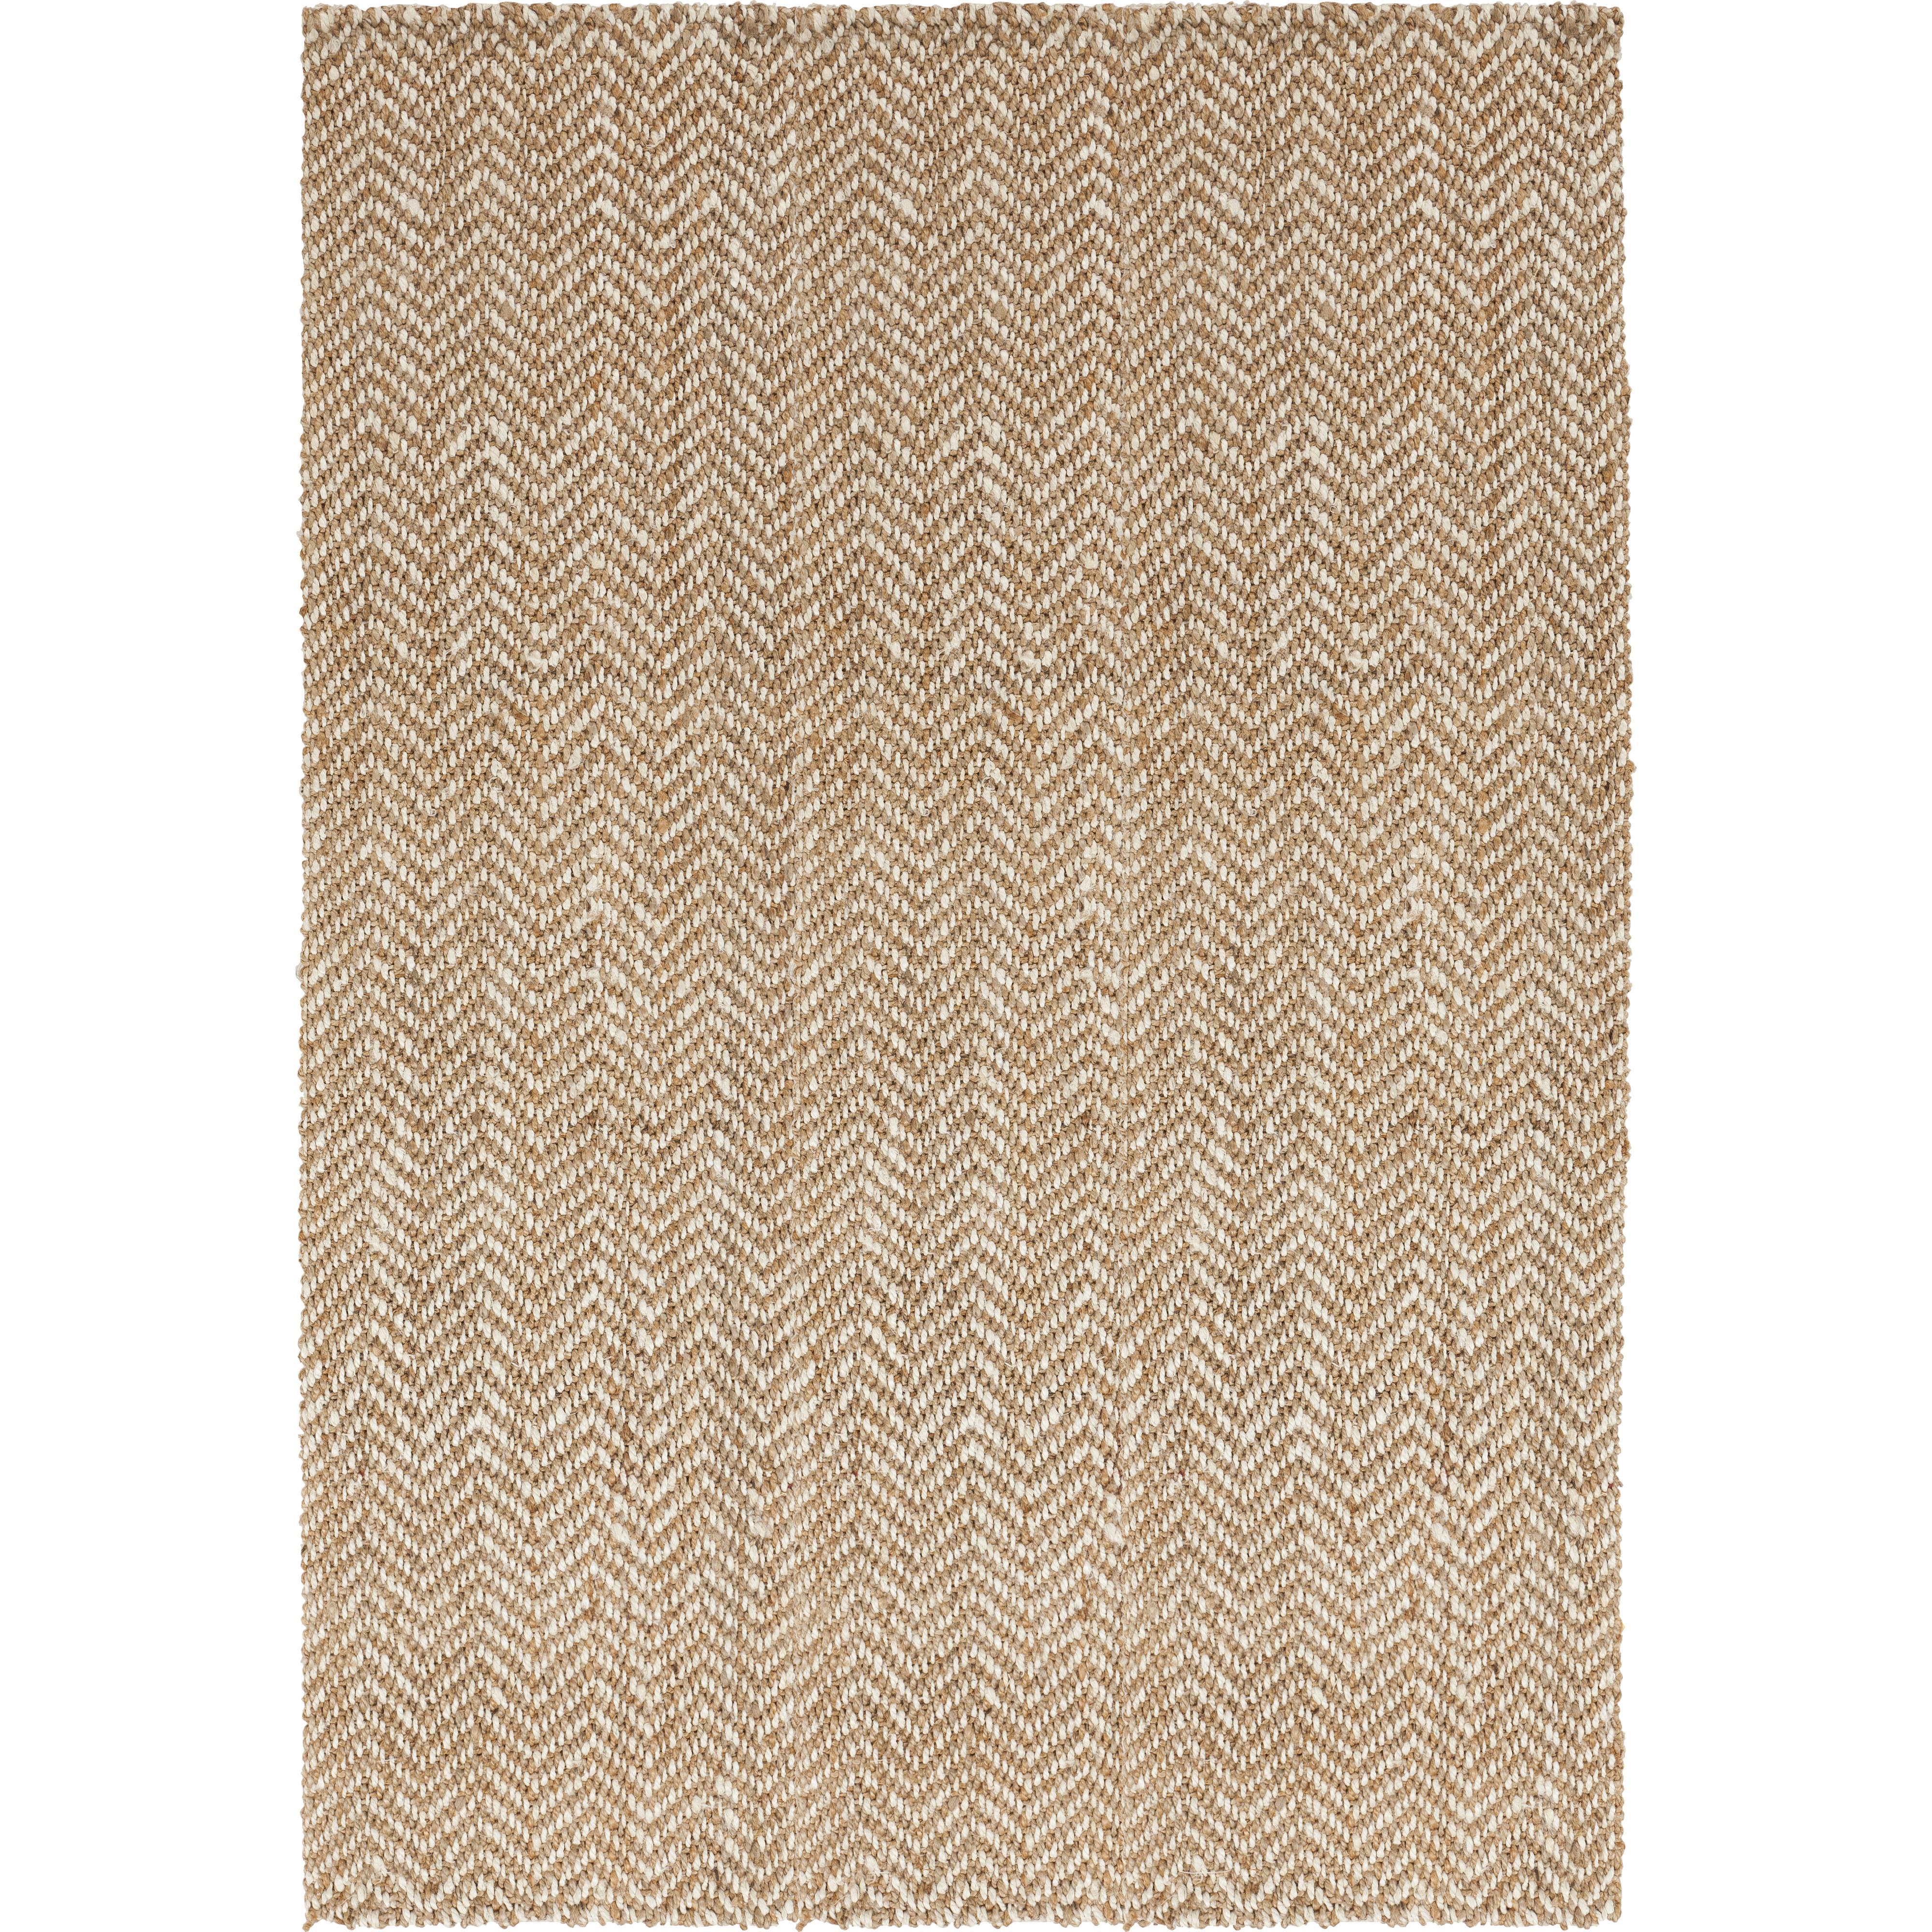 Surya Rugs Reeds 2' x 3' - Item Number: REED804-23